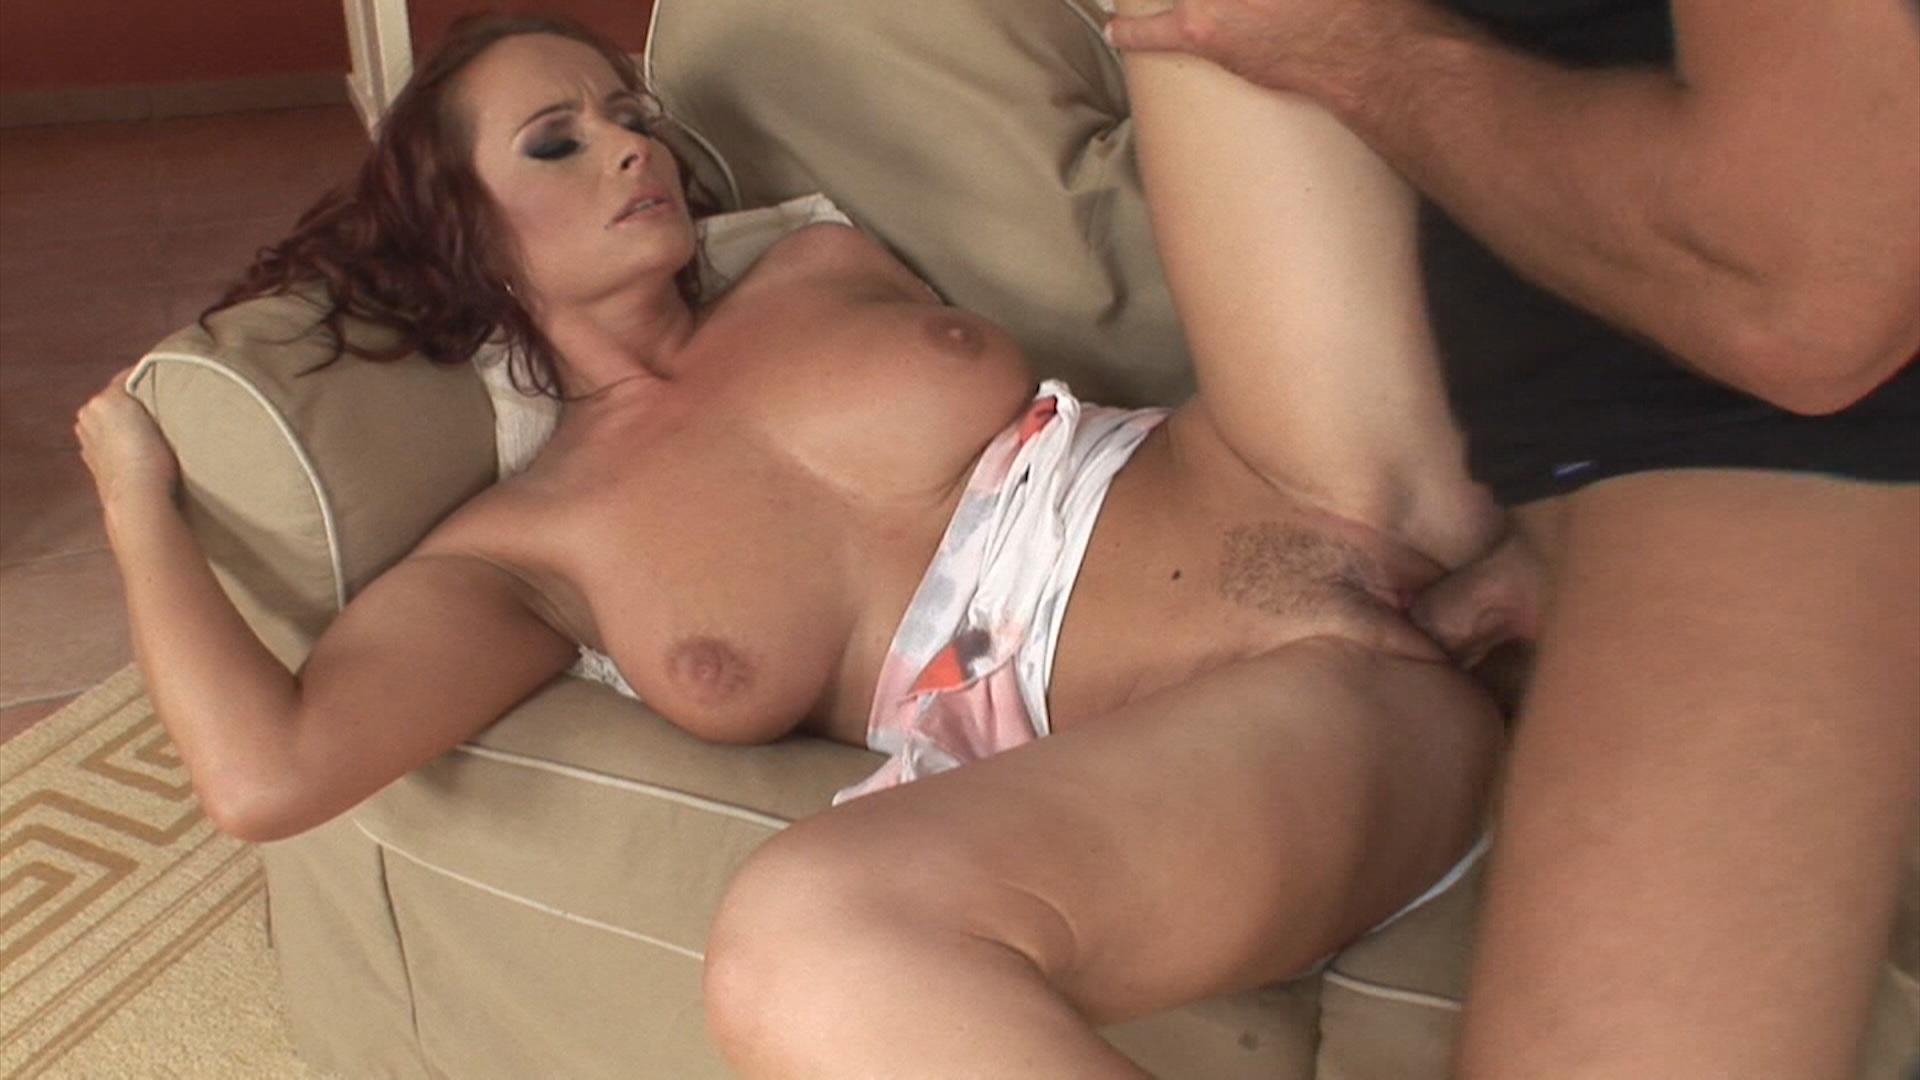 Big Tits Curvy Asses 2 xvideos